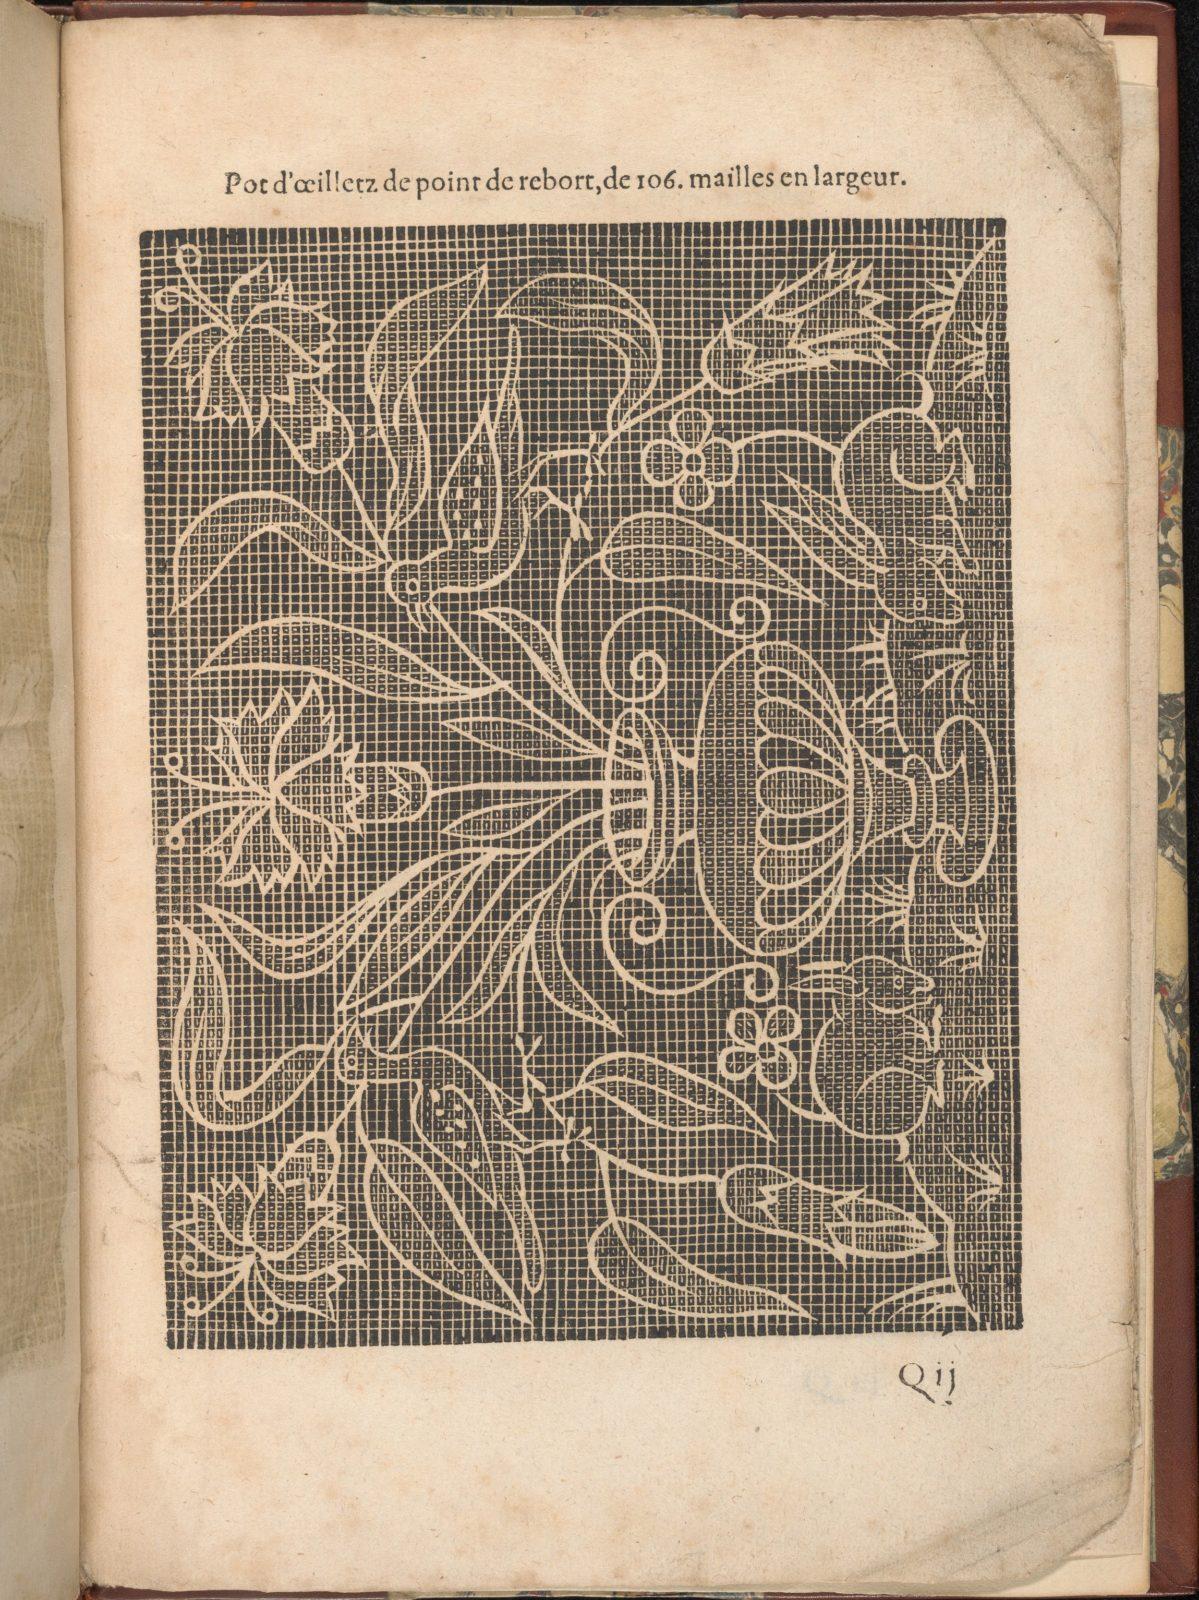 Les Secondes Oeuvres, et Subtiles Inventions De Lingerie du Seigneur Federic de Vinciolo Venitien, page 62 (recto)